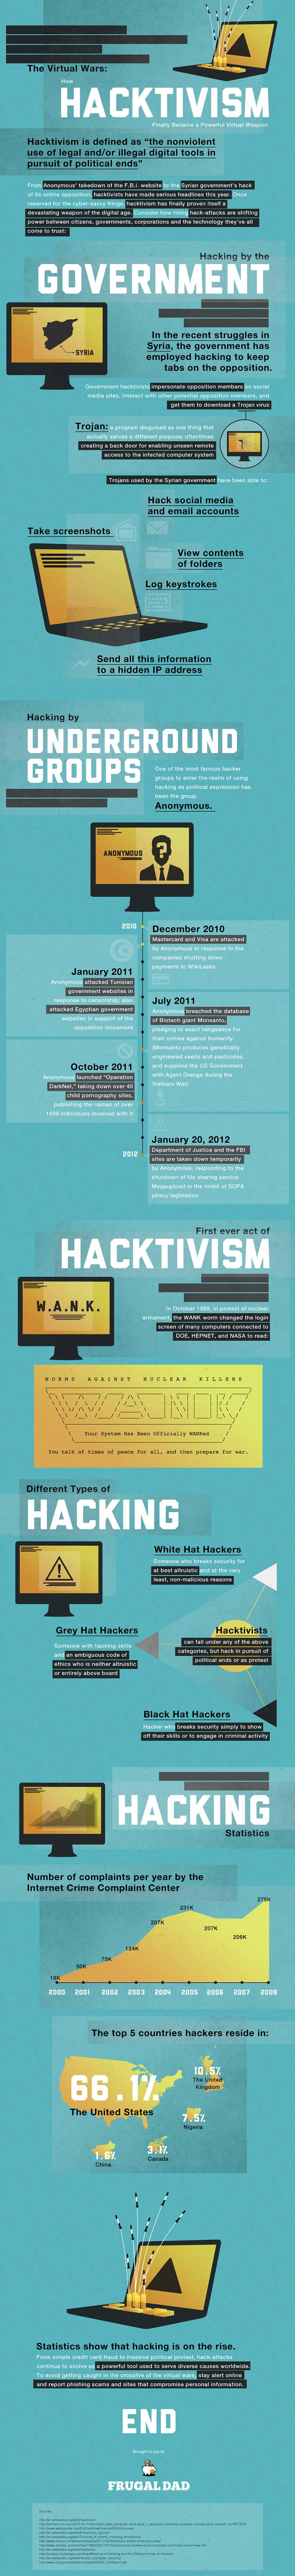 Hacking statistics